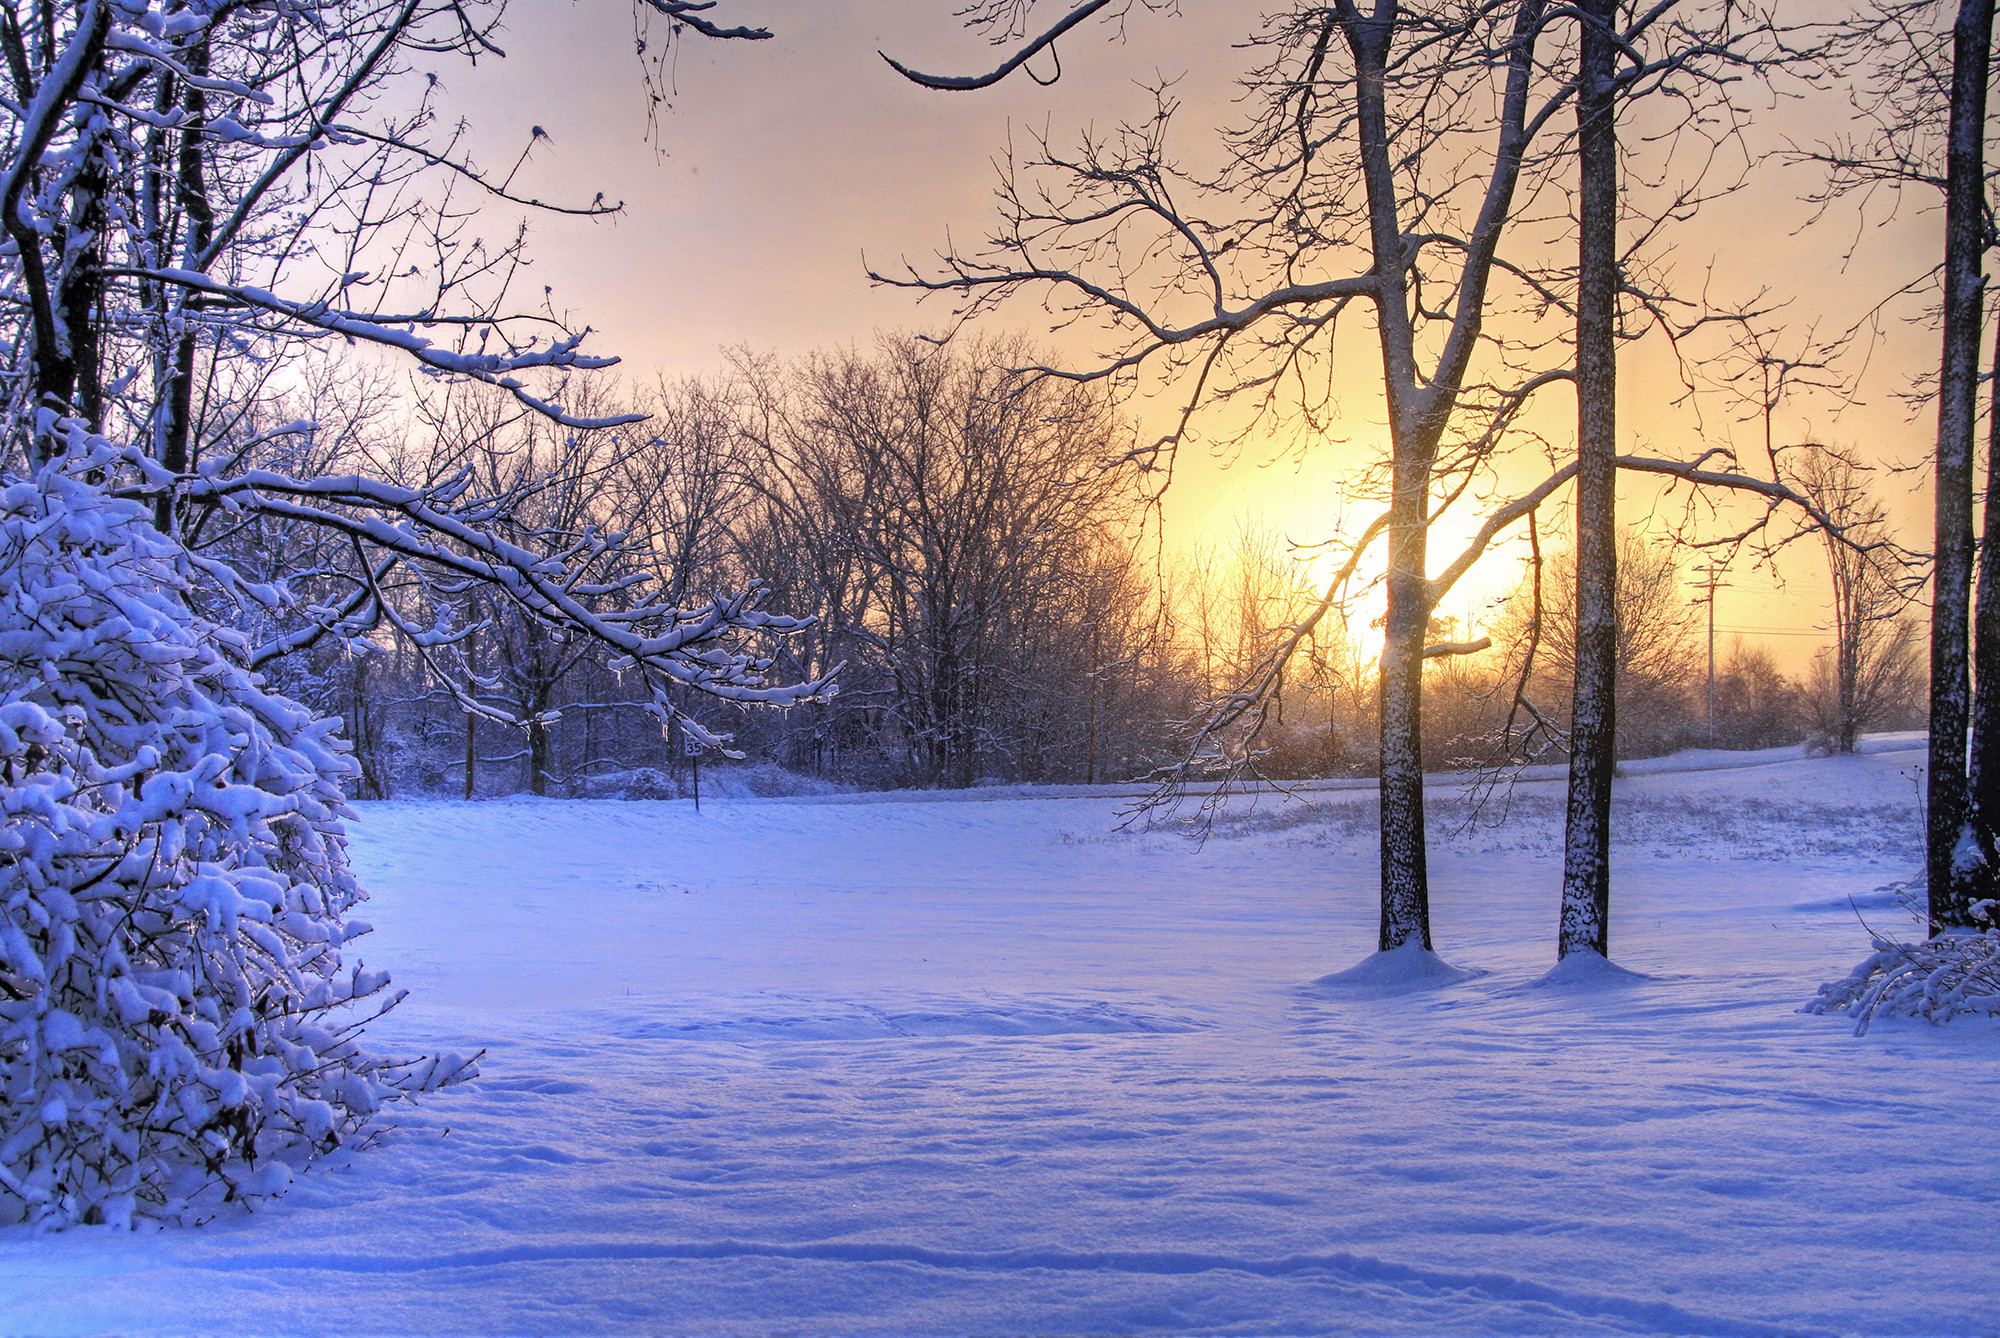 Зимние картинки для обоев на телефон